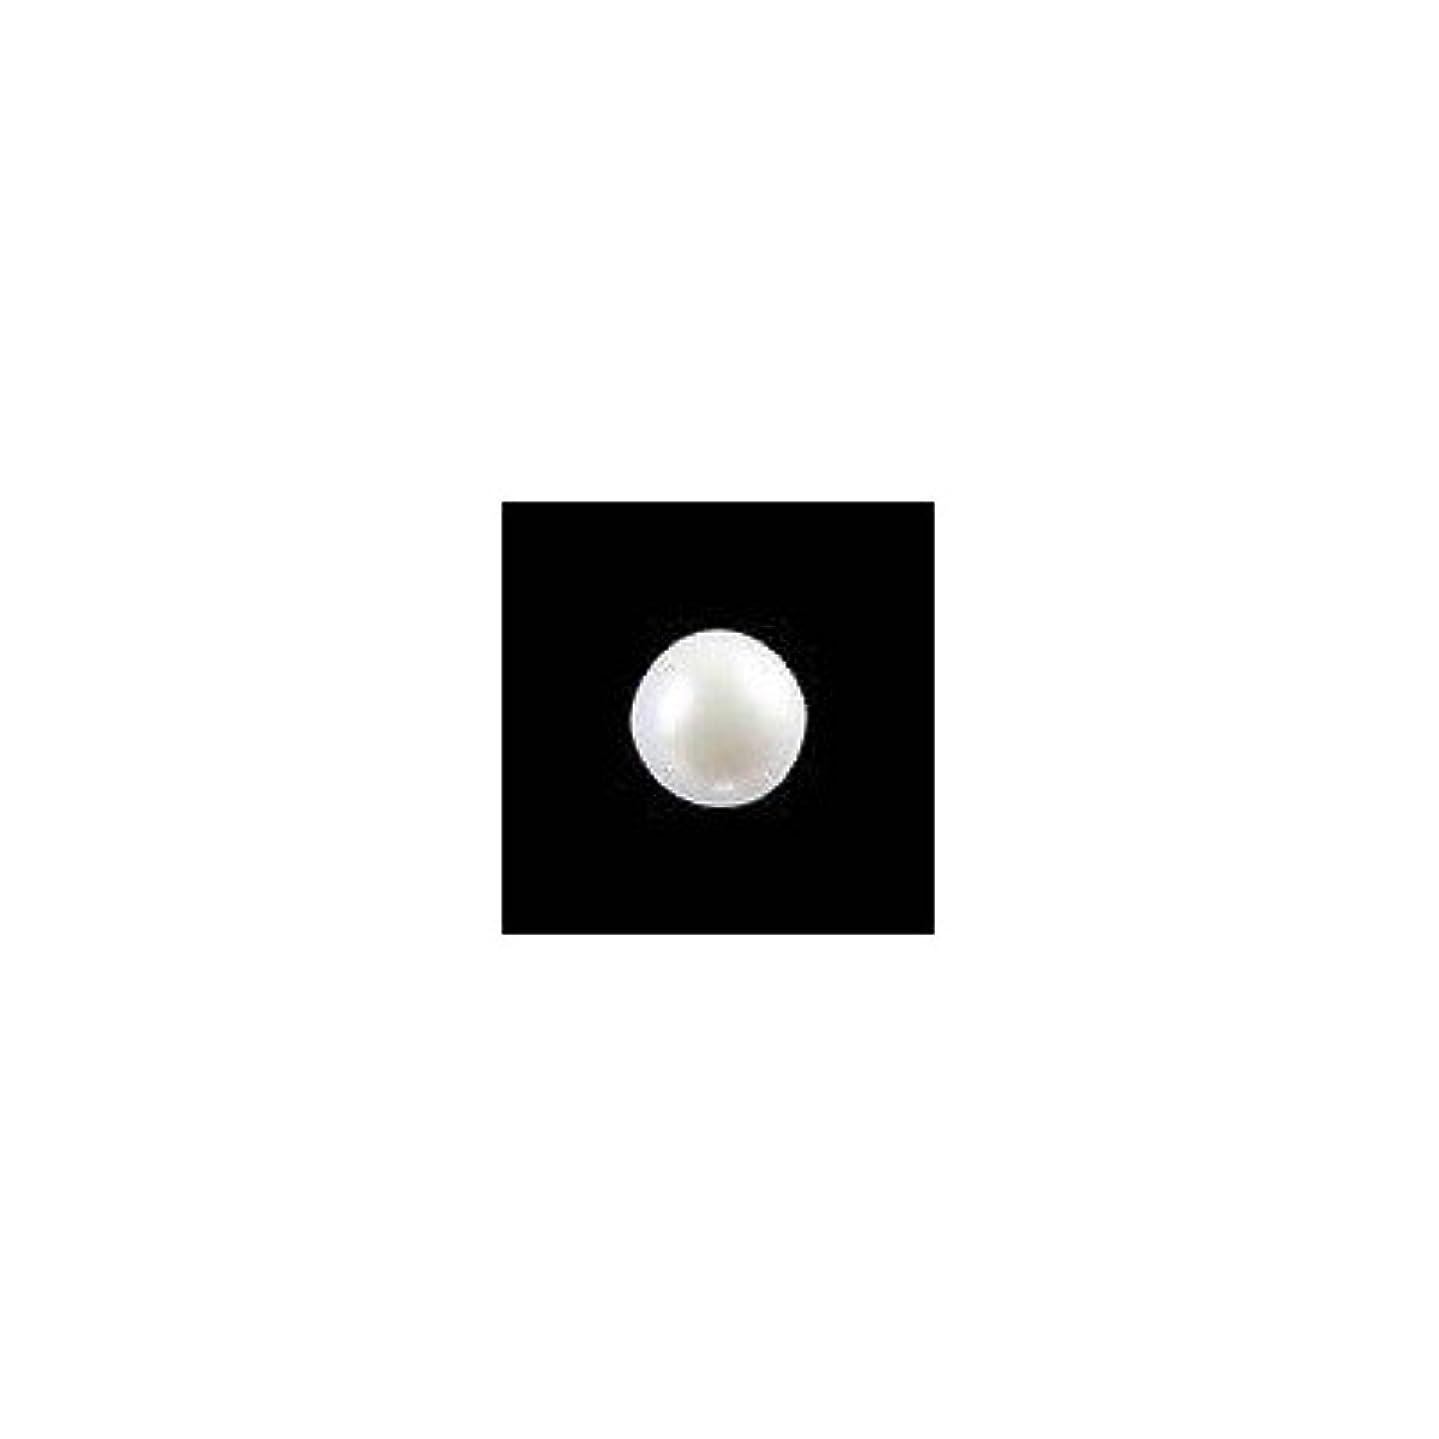 ナースステージ要求するピアドラ 大粒パール ラウンド(5mm)24P